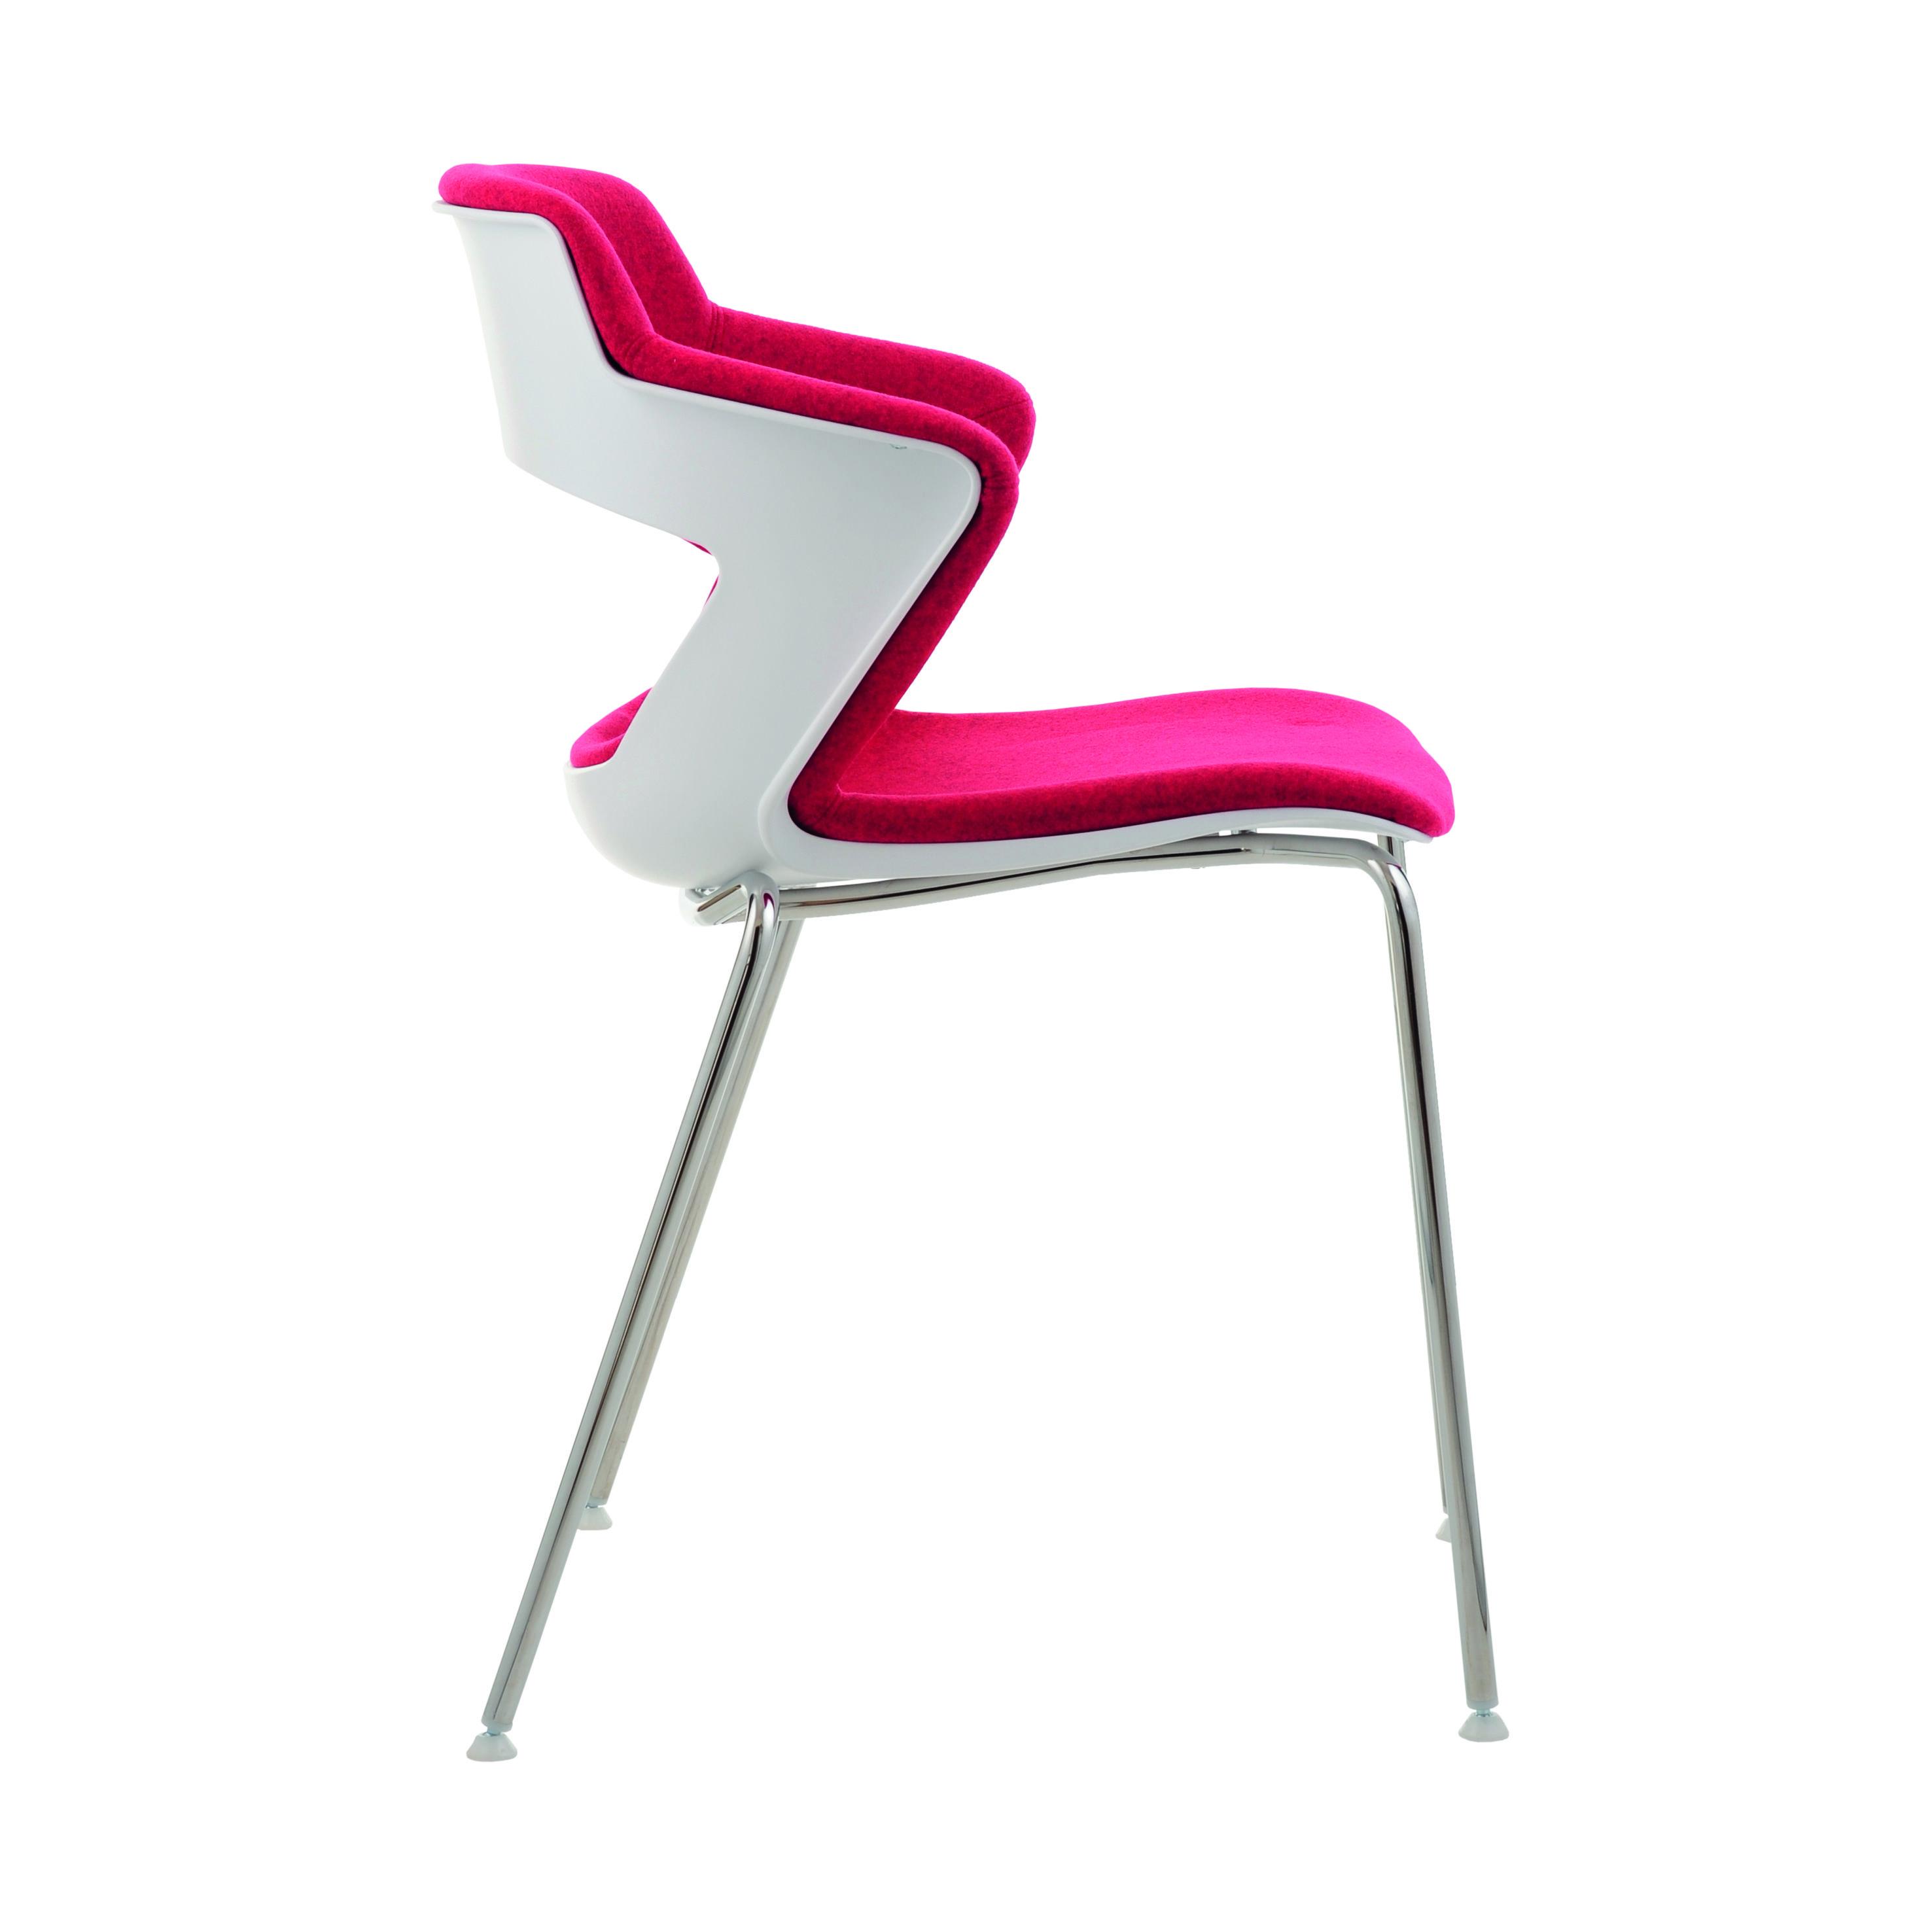 Stuhl Aoki Der Design Stuhl Fur Meeting Hotel Und Buro Ab 119 Euro Mit Bildern Stuhle Ladeninneneinrichtung Polster